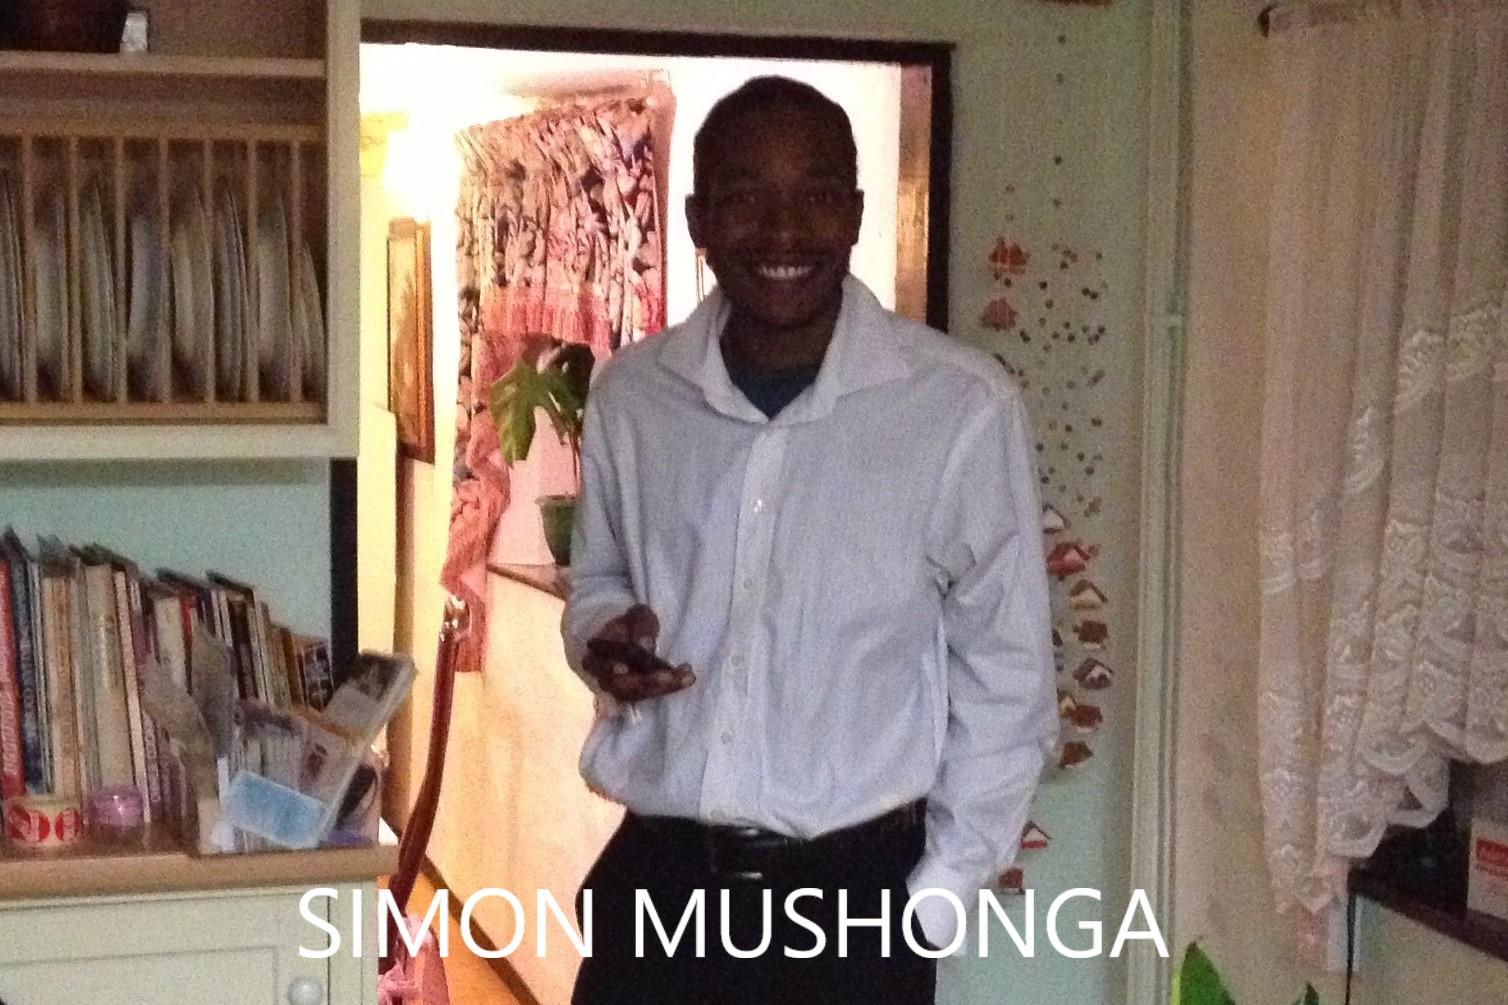 Simon Mushonga